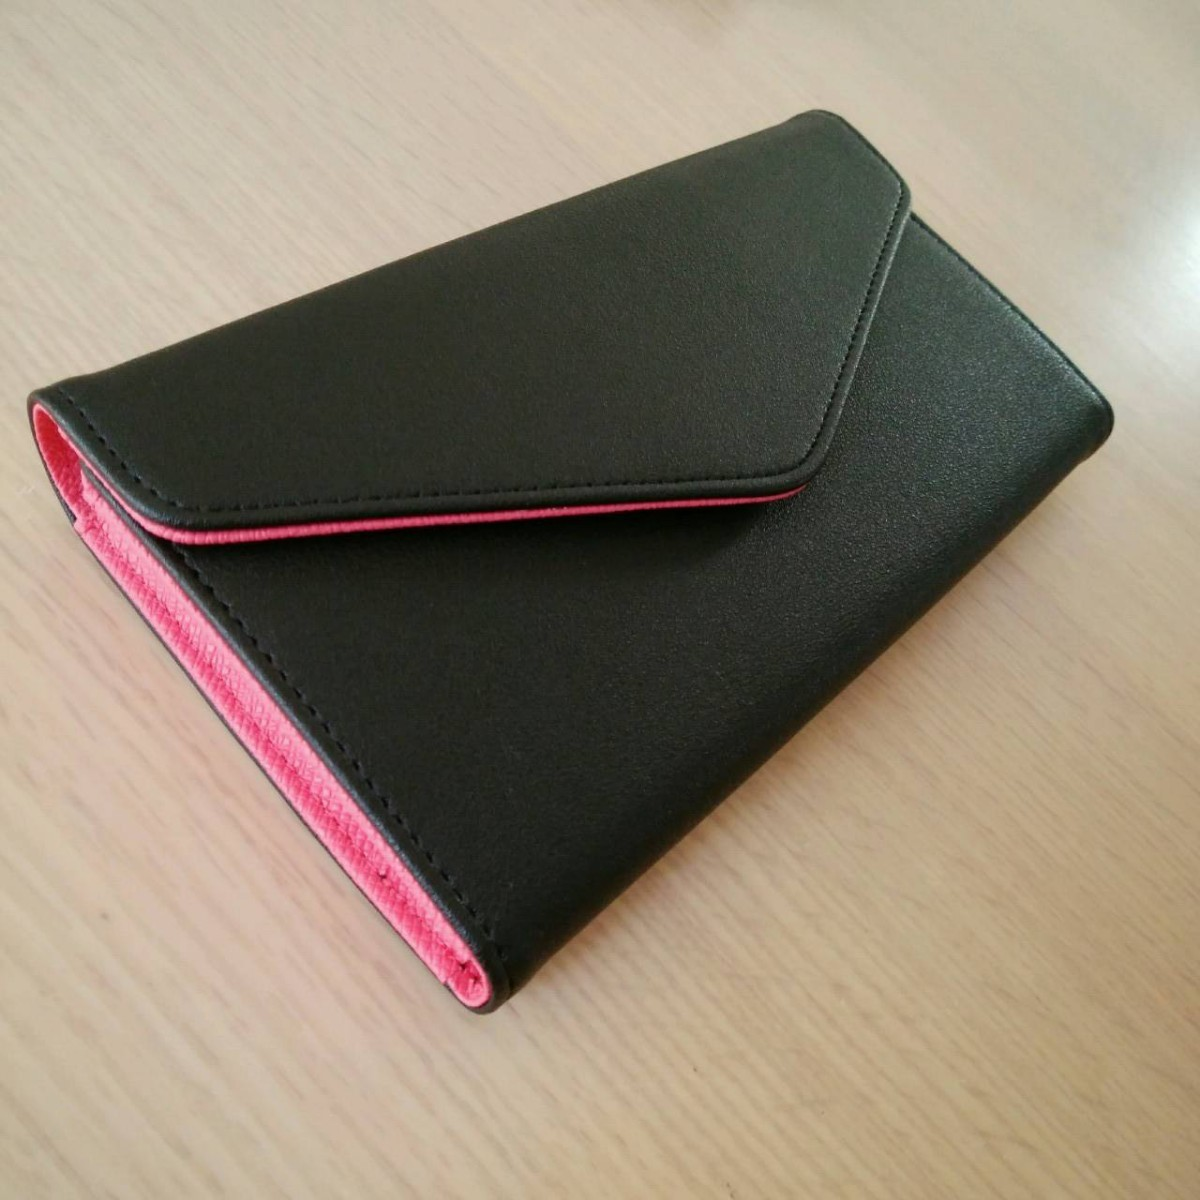 レディース 長財布 通帳ケース 磁気防止 スキミング防止 ブラック